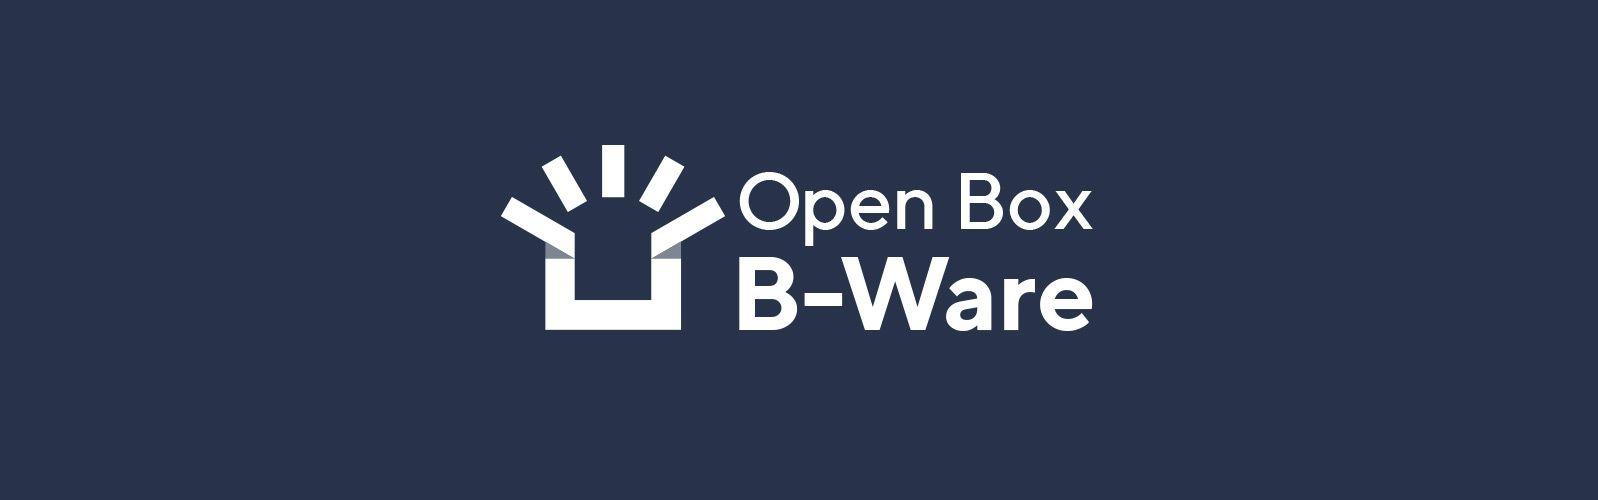 Open Box B-Ware